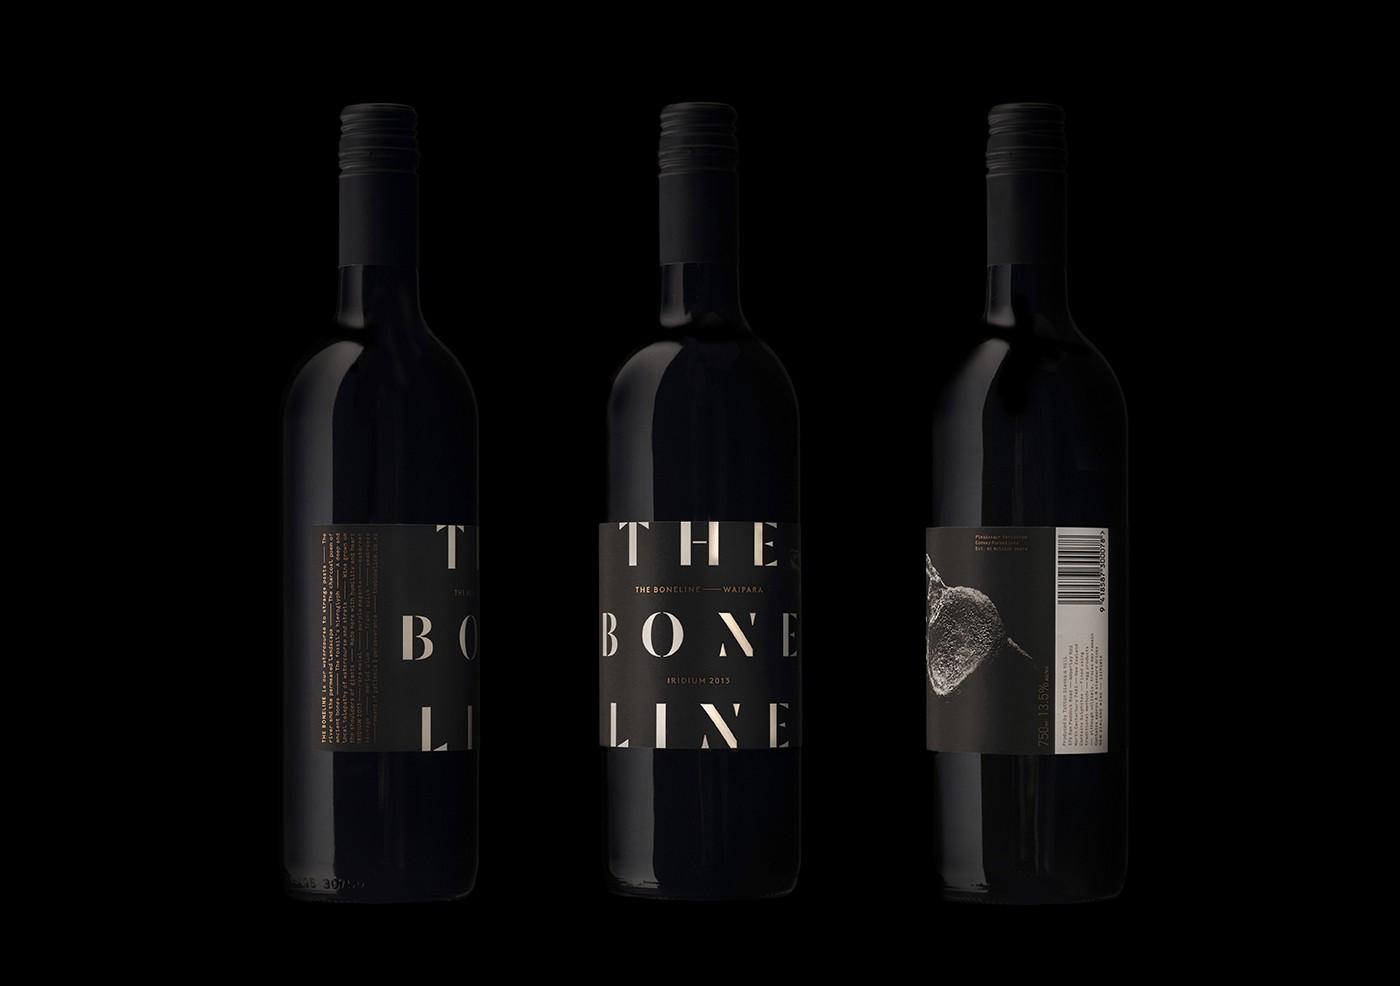 Website_Boneline_3-1400x986